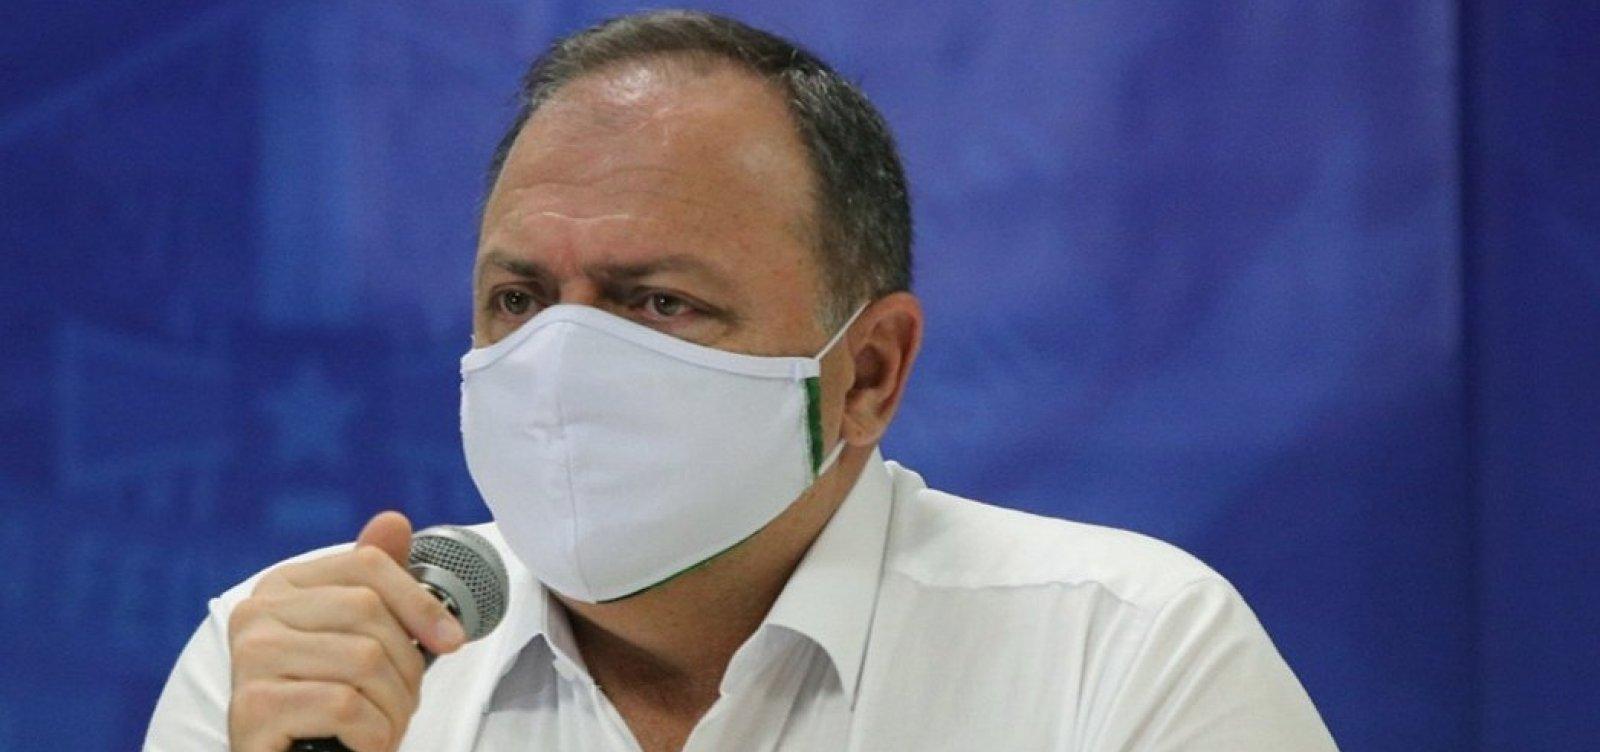 Autorização da Anvisa vale para vacinas importadas, não feitas no país, diz Pazuello